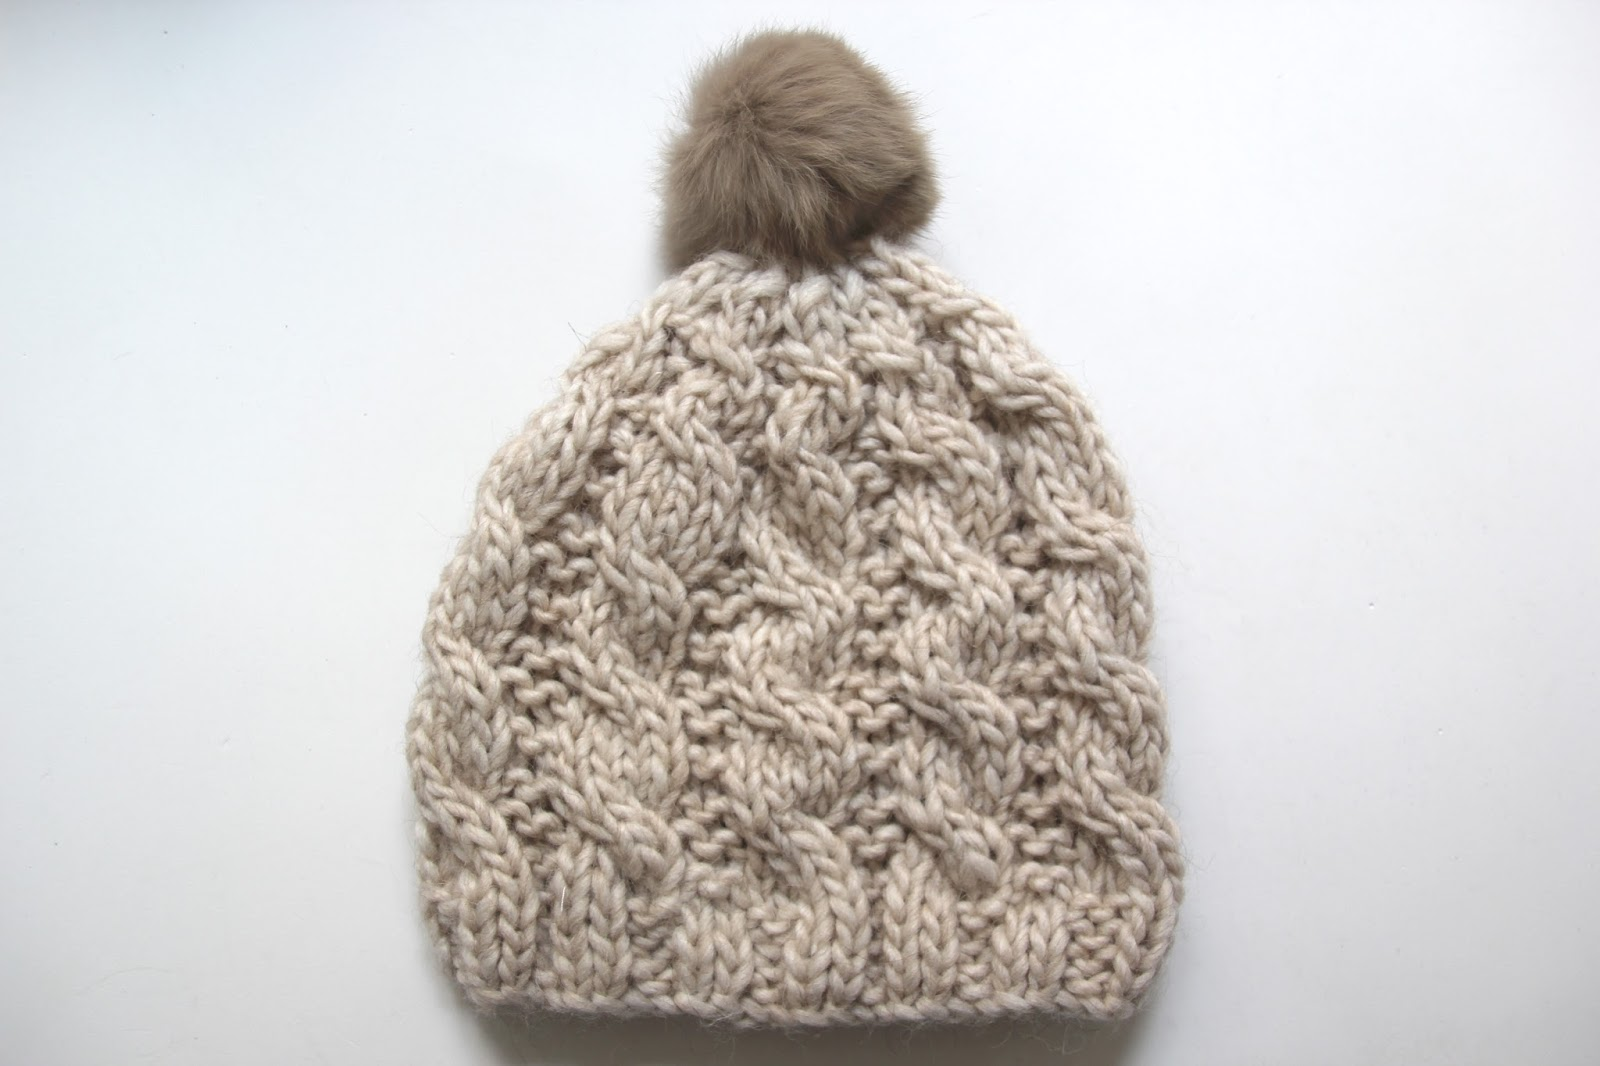 Tutorial de lana: Como hacer gorro trenzado (patrones gratis) - HANDBOX